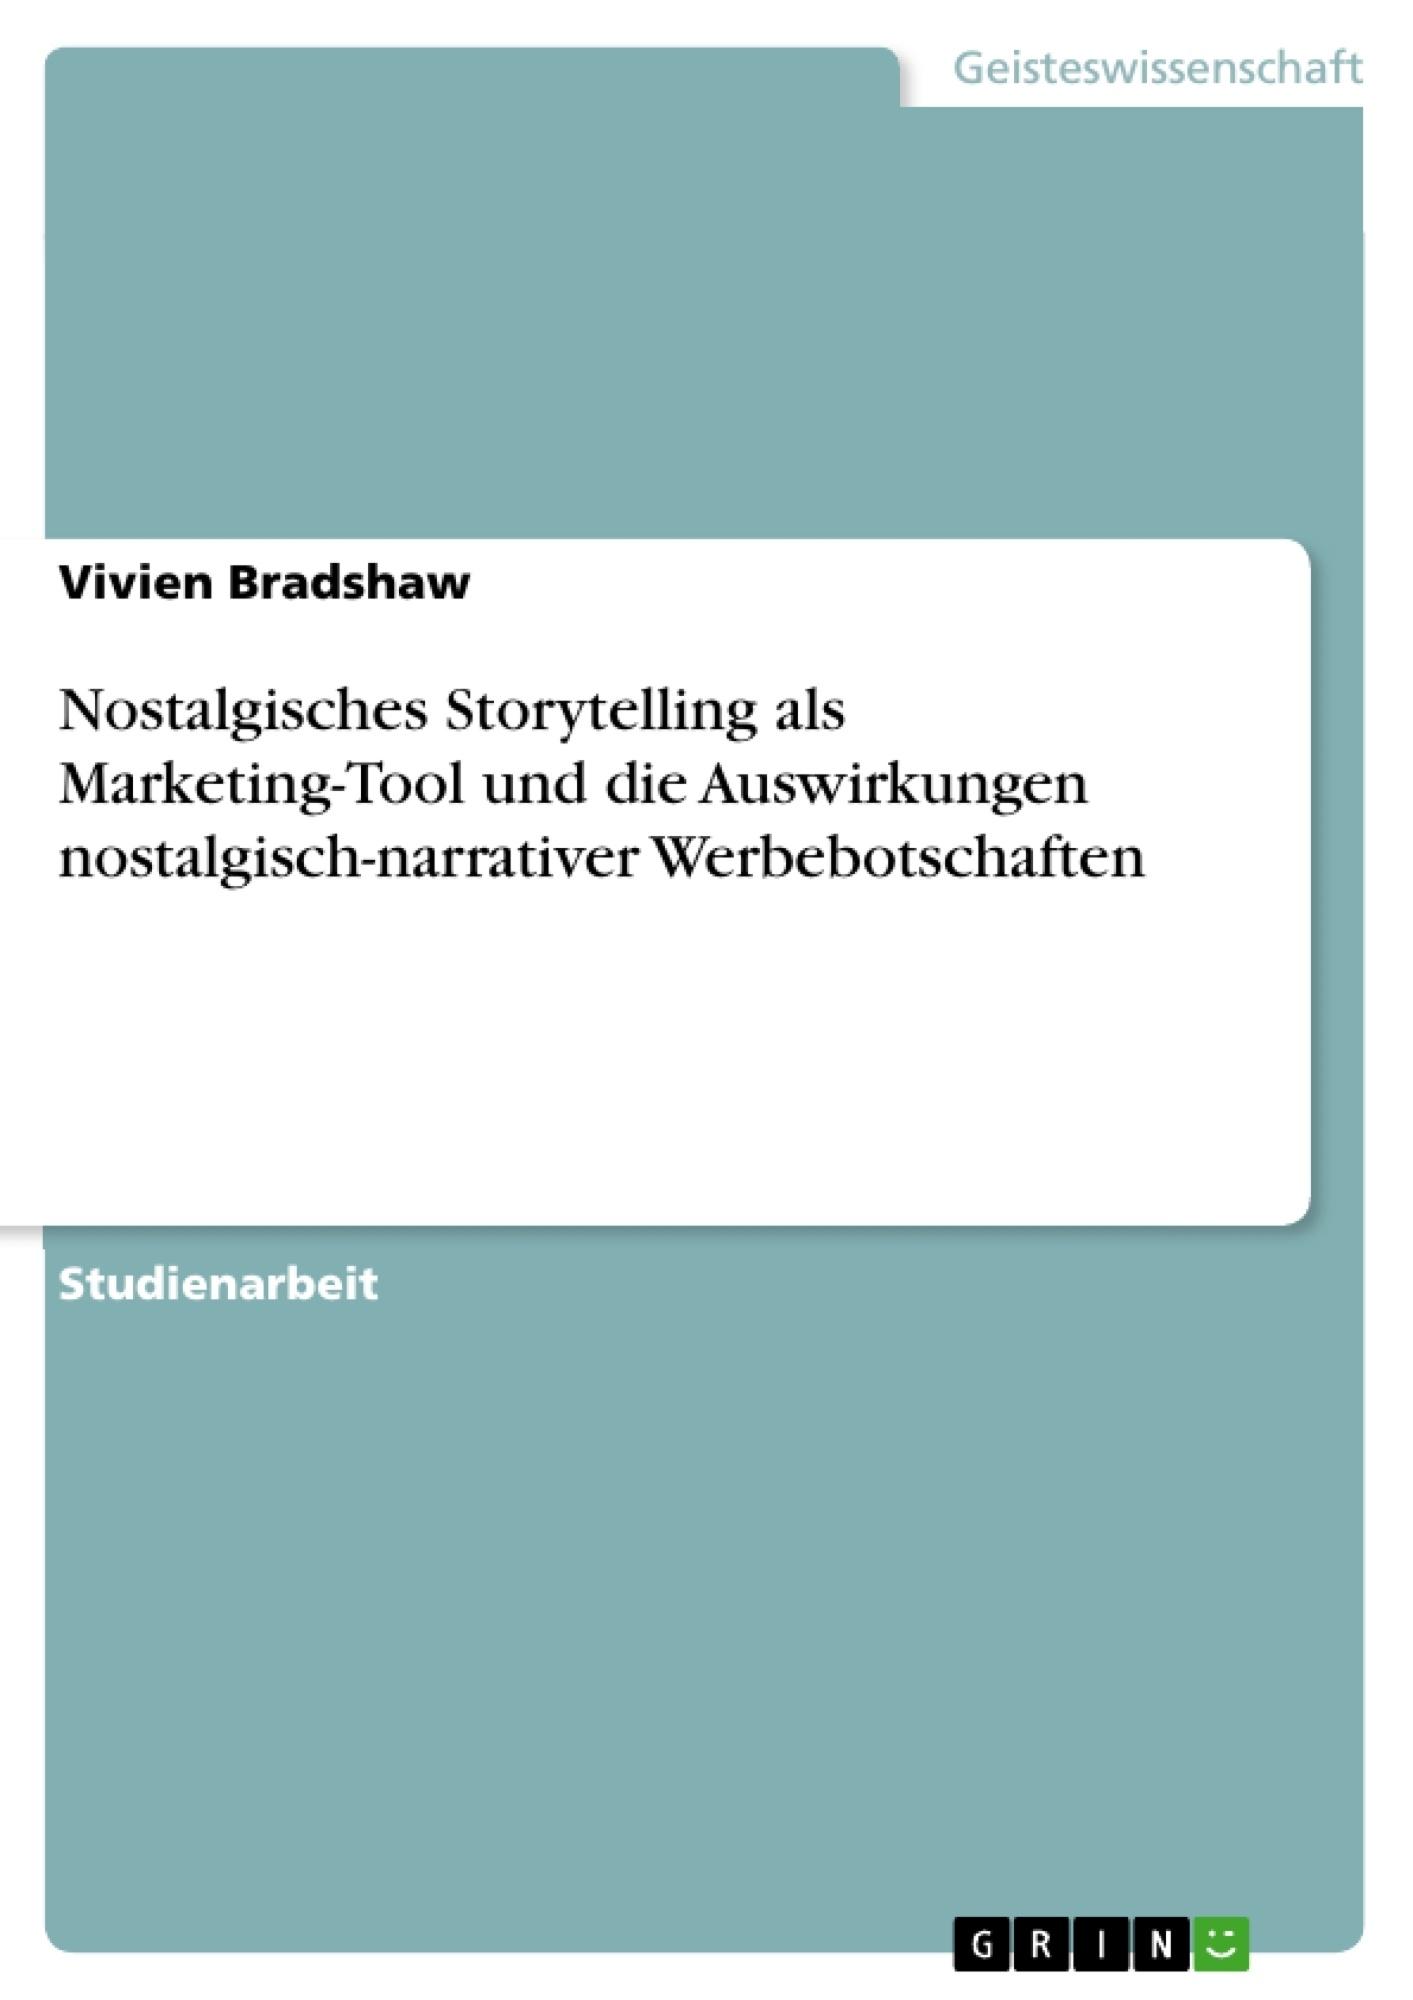 Titel: Nostalgisches Storytelling als Marketing-Tool und die Auswirkungen nostalgisch-narrativer Werbebotschaften